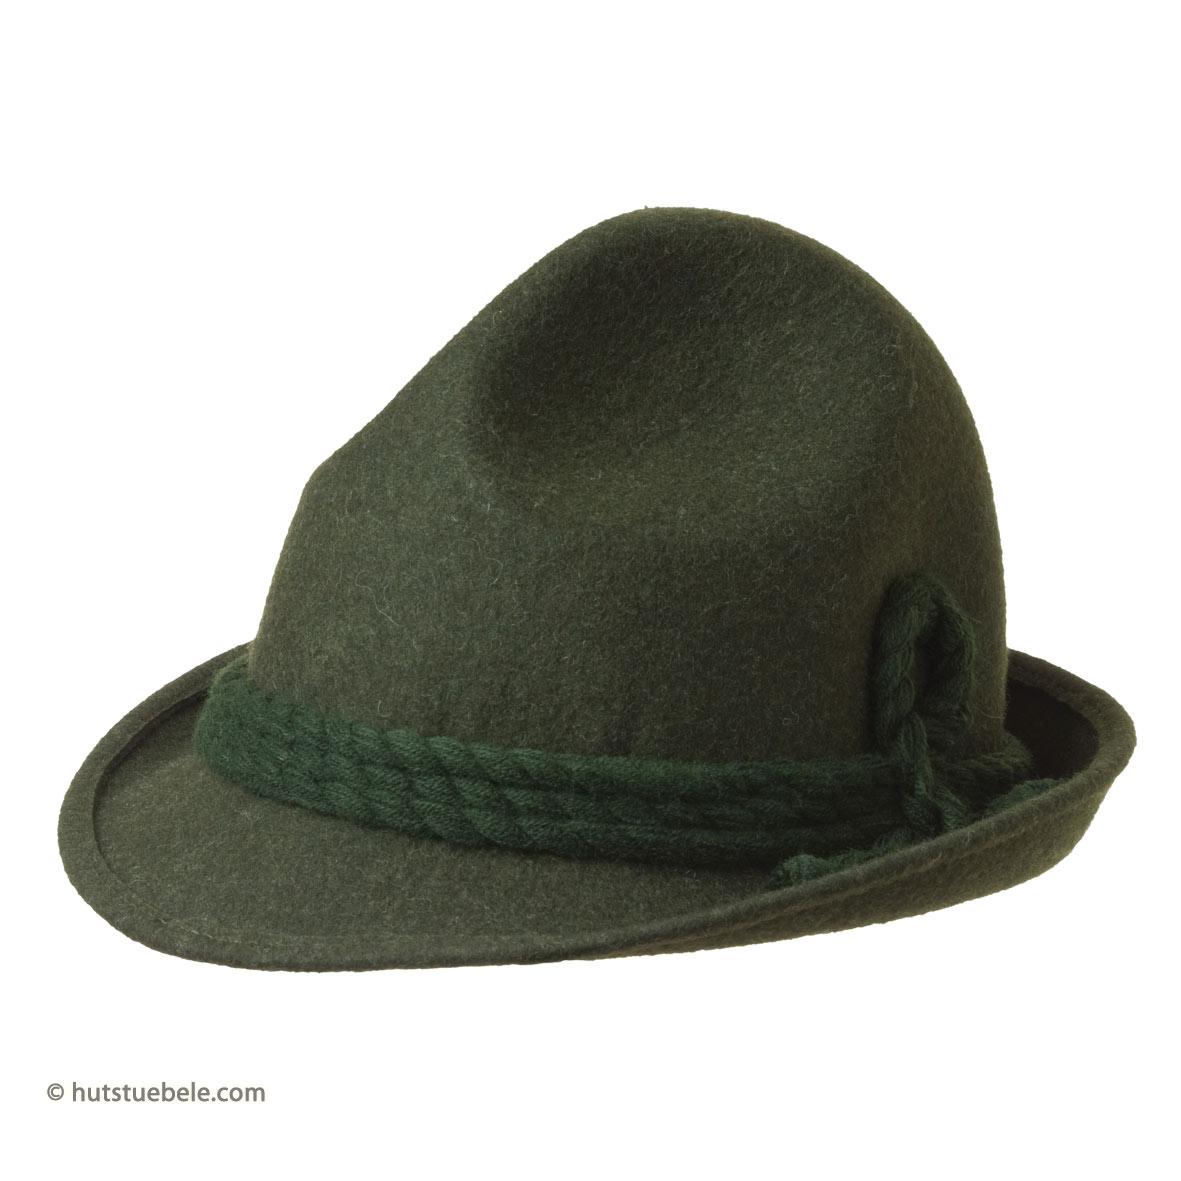 rivenditore online raccolto vendita outlet Cappello da cacciatore con cordoni di lana